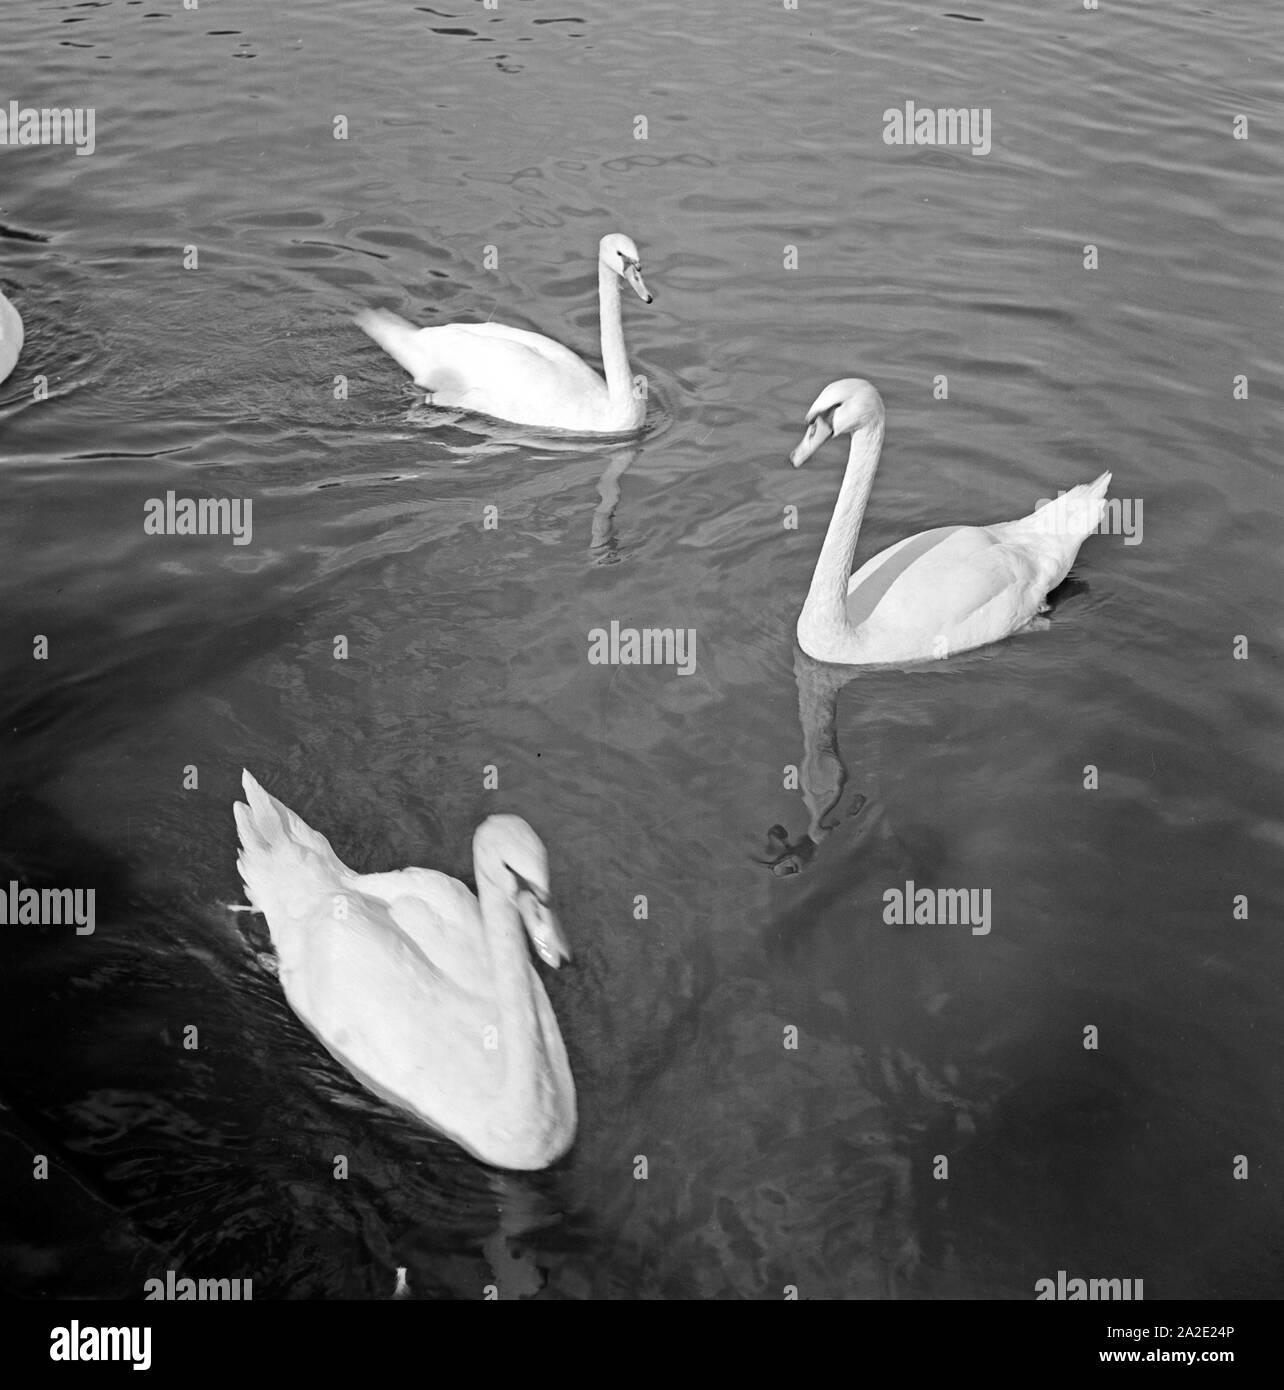 Schwäne schwimmen auf dem Adolf Mittag See in Magdeburg, Deutschland 1930er Jahre. Swans swimming in the Adolf Mittag lake at Magdeburg, Germany 1930s. Stock Photo